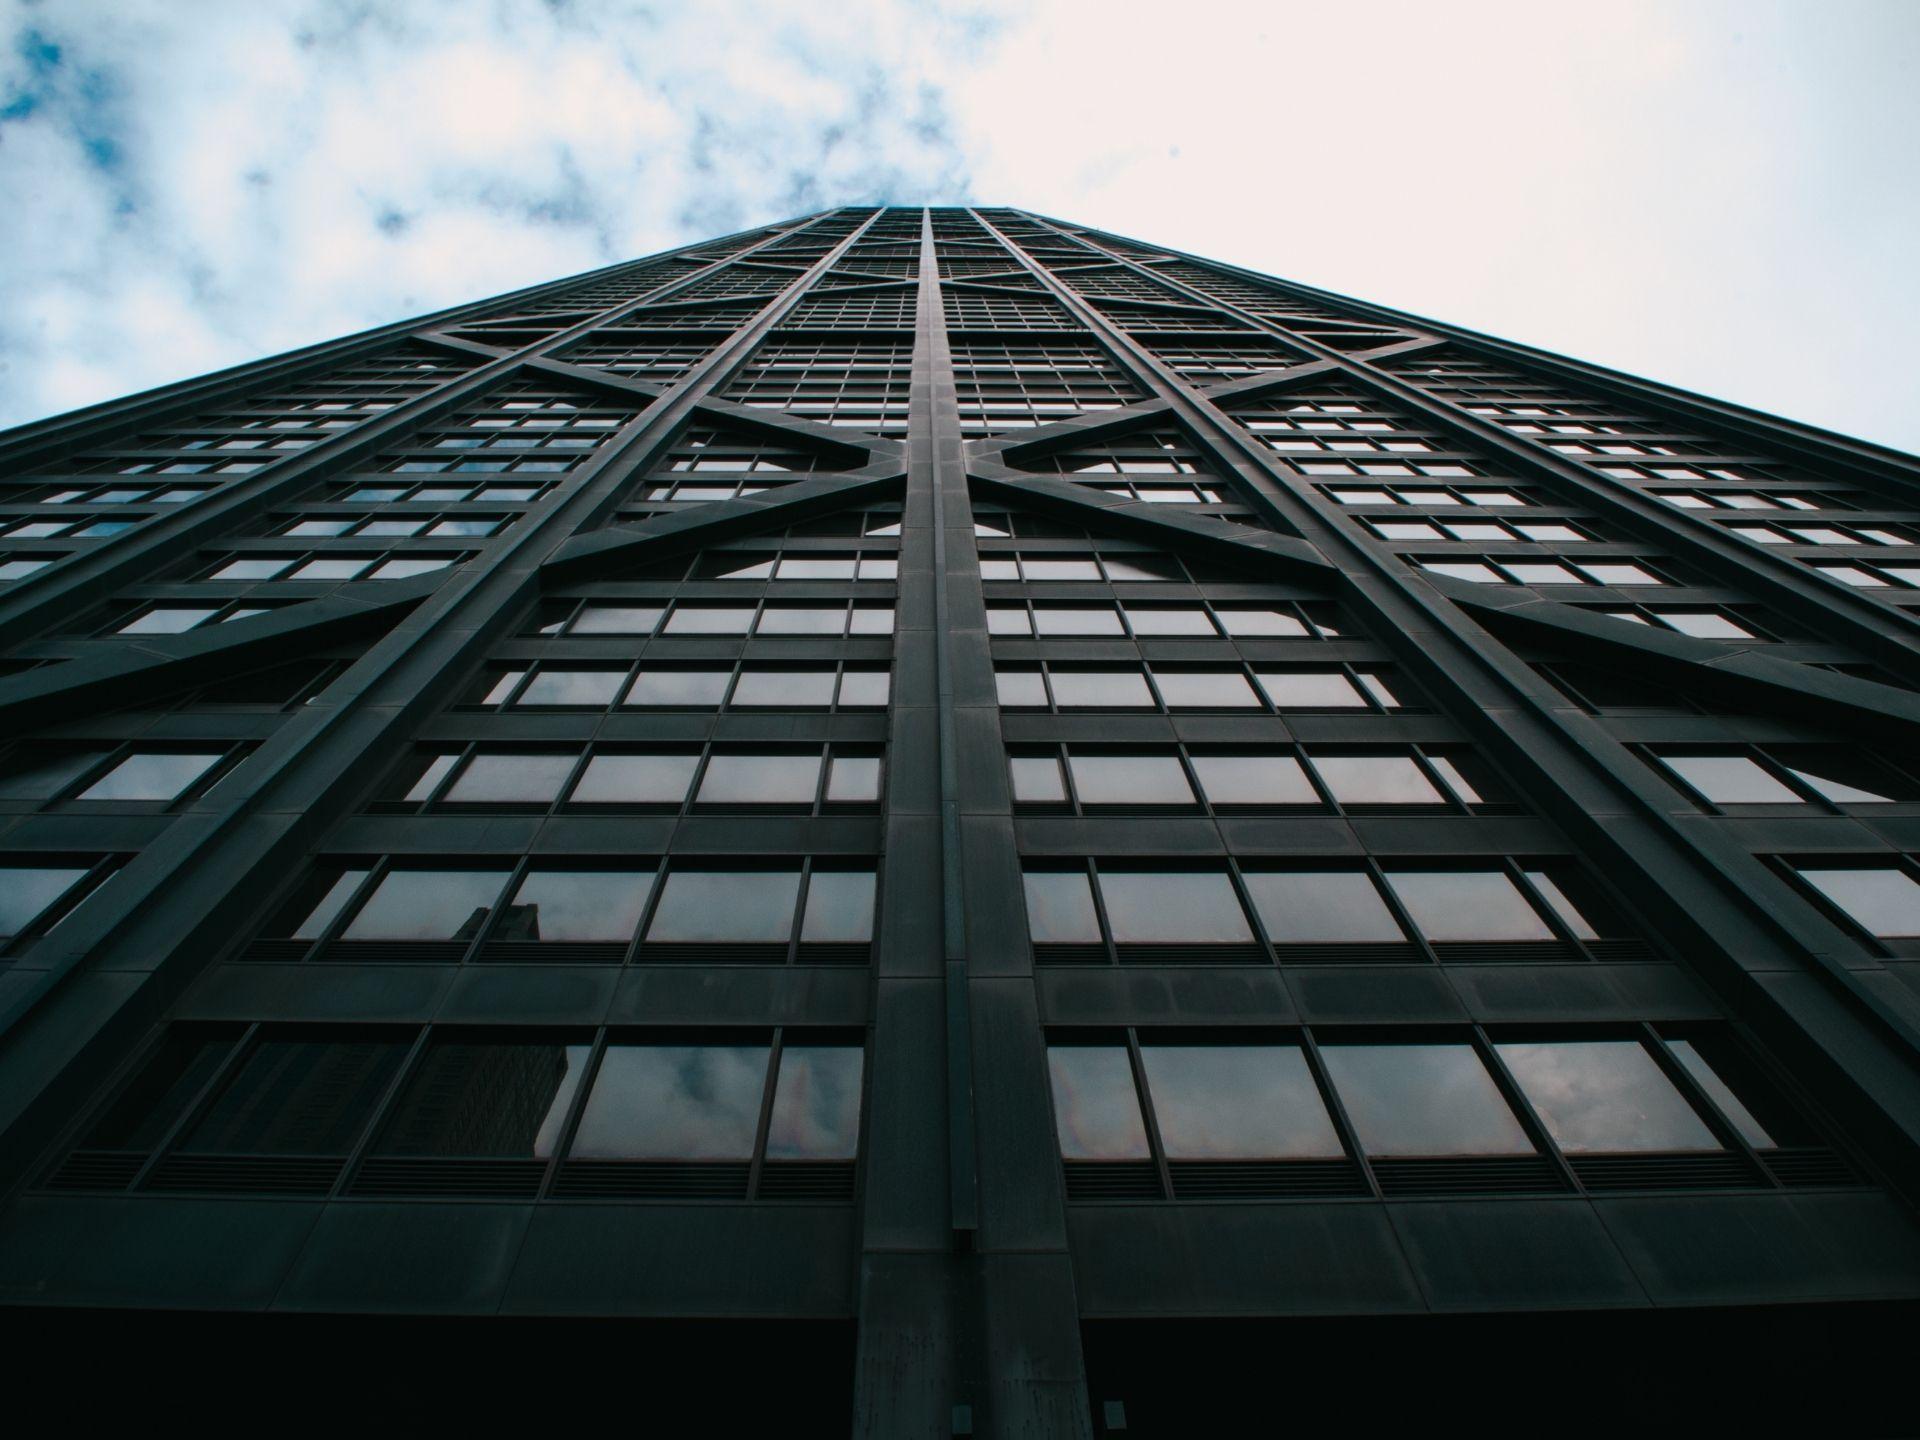 Documenti-per-vendere-casa-consulenza-tecnica-immobiliare-agenzia-immobiliare-casa&style